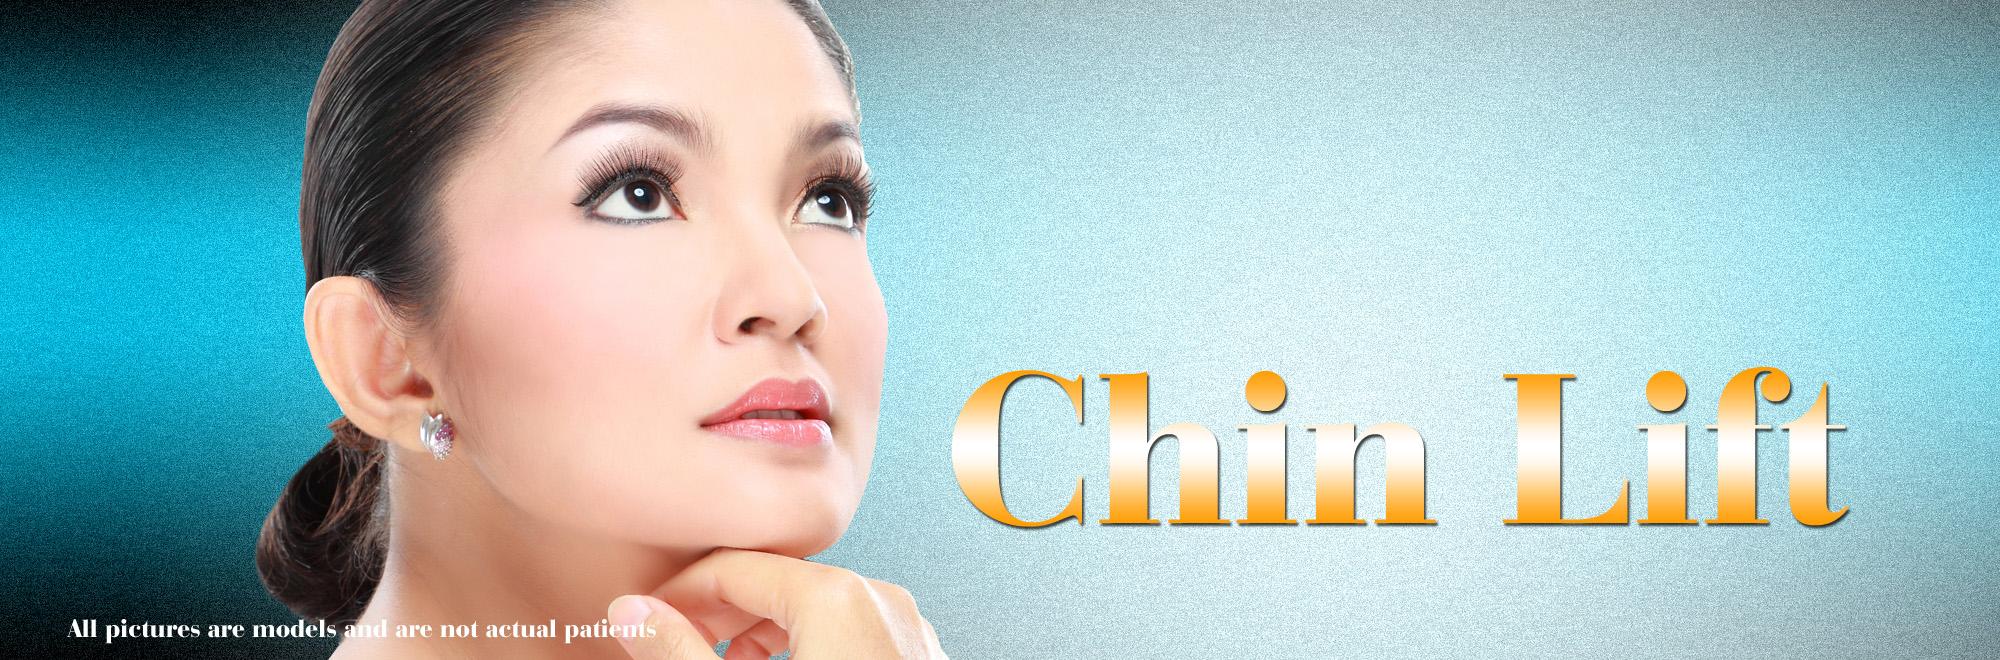 chin lift